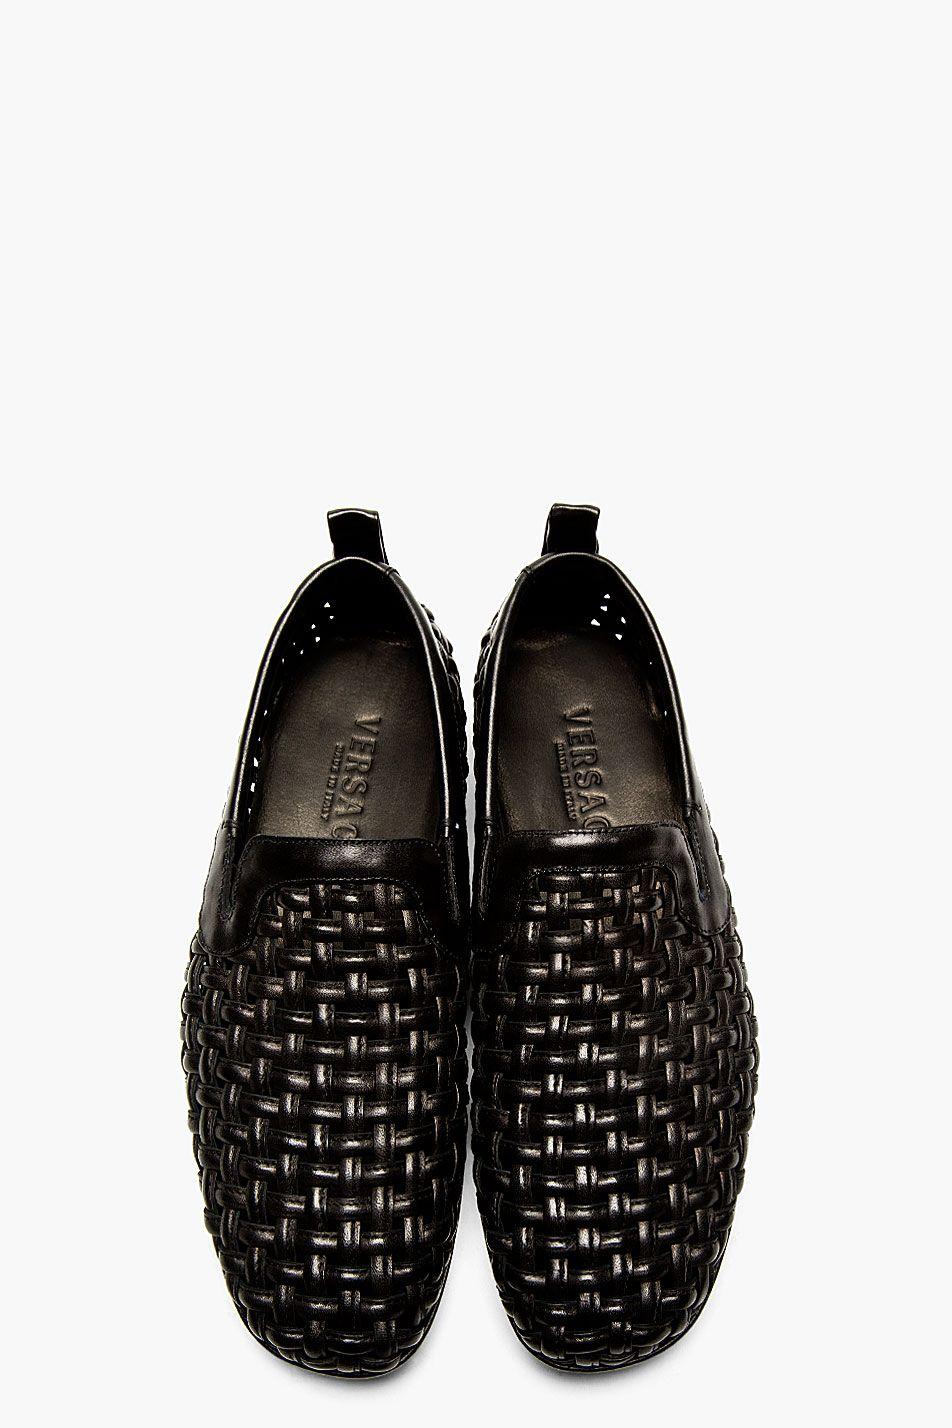 a2d6df1e904 VERSACE Black Leather Basket Weave Loafers | men shoes | Shoes ...